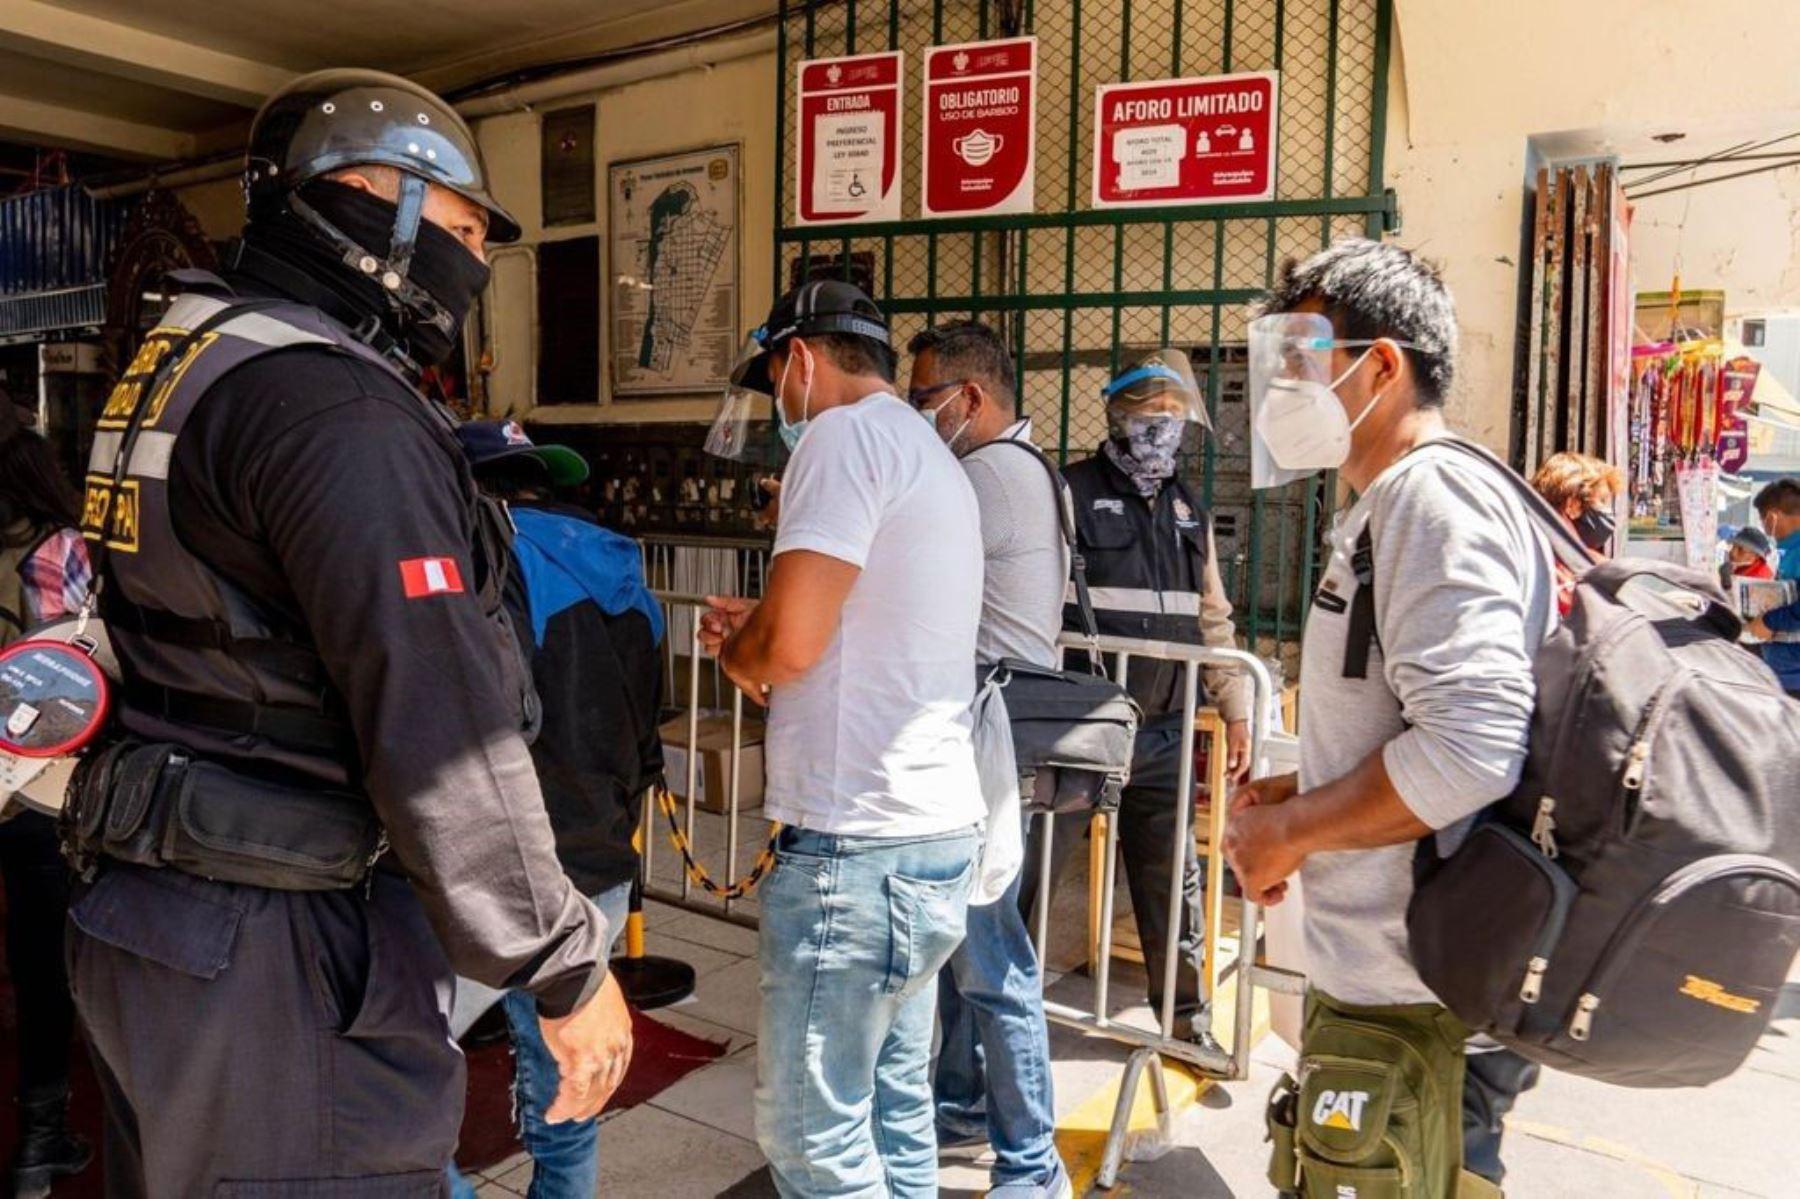 En las puertas de los mercados de Arequipa, personal municipal controla el uso de caretas  para prevenir contagios de covid-19. Foto: ANDINA/Difusión